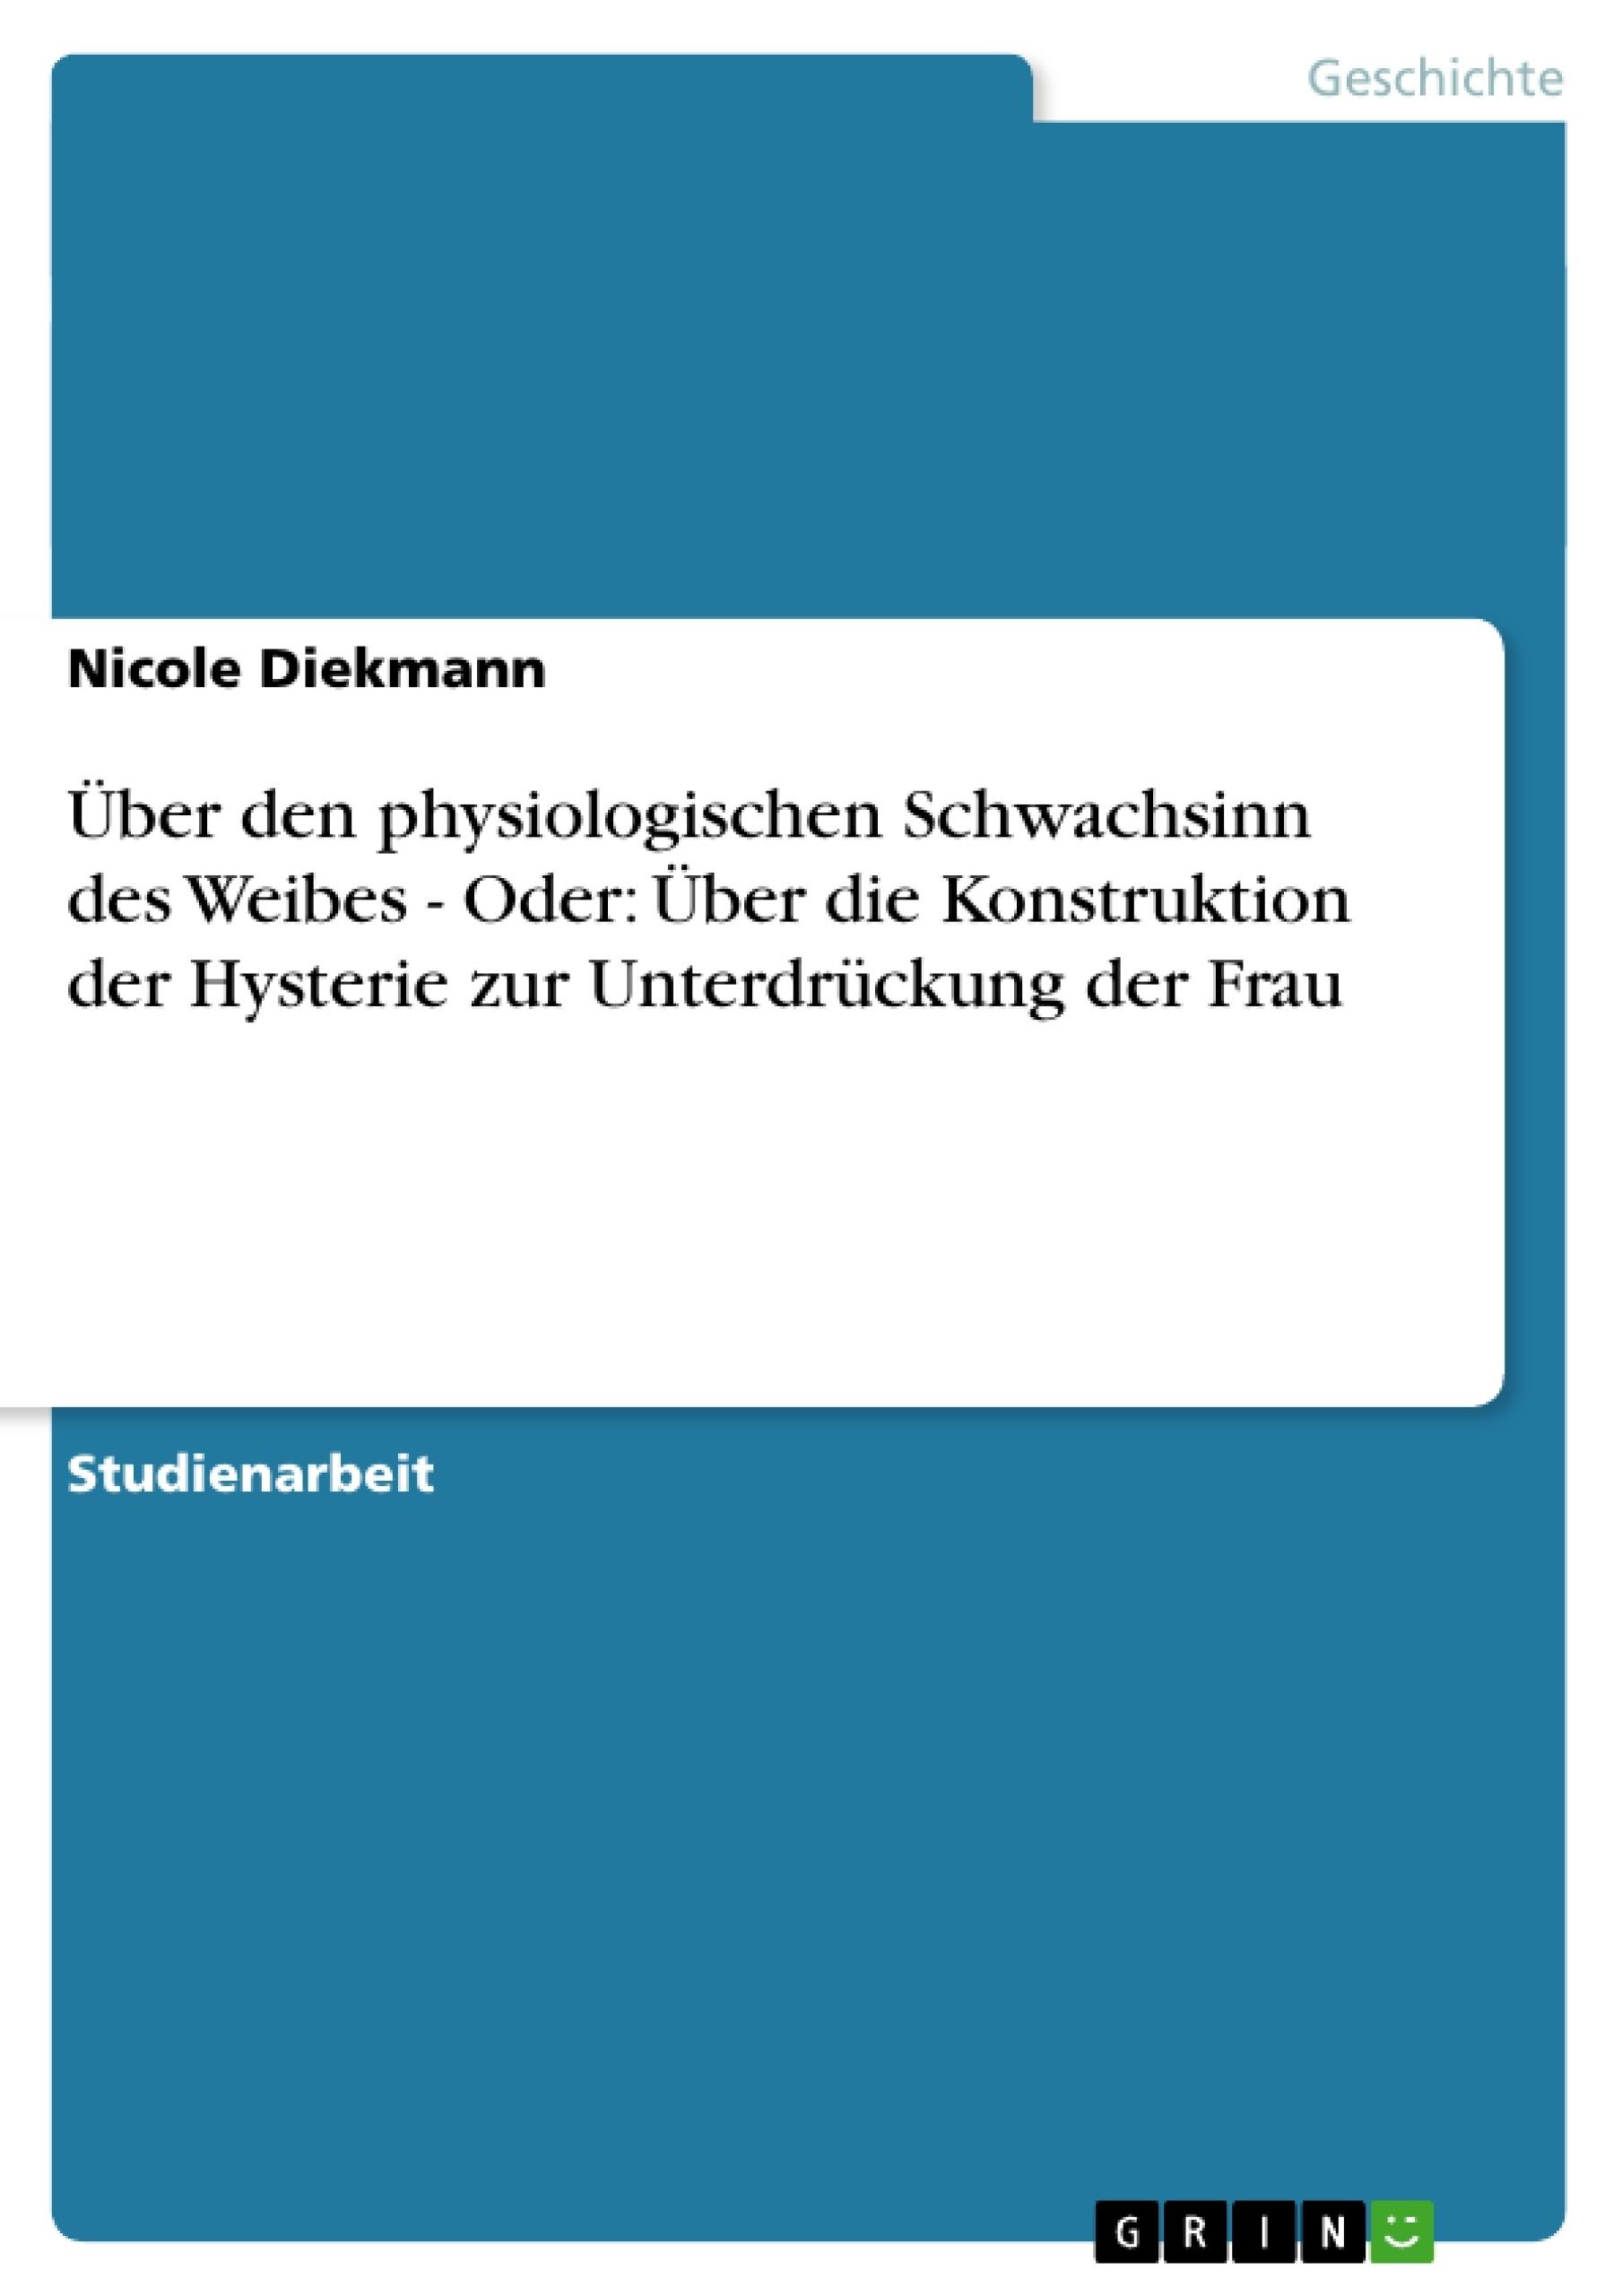 Titel: Über den physiologischen Schwachsinn des Weibes - Oder: Über die Konstruktion der Hysterie zur Unterdrückung der Frau